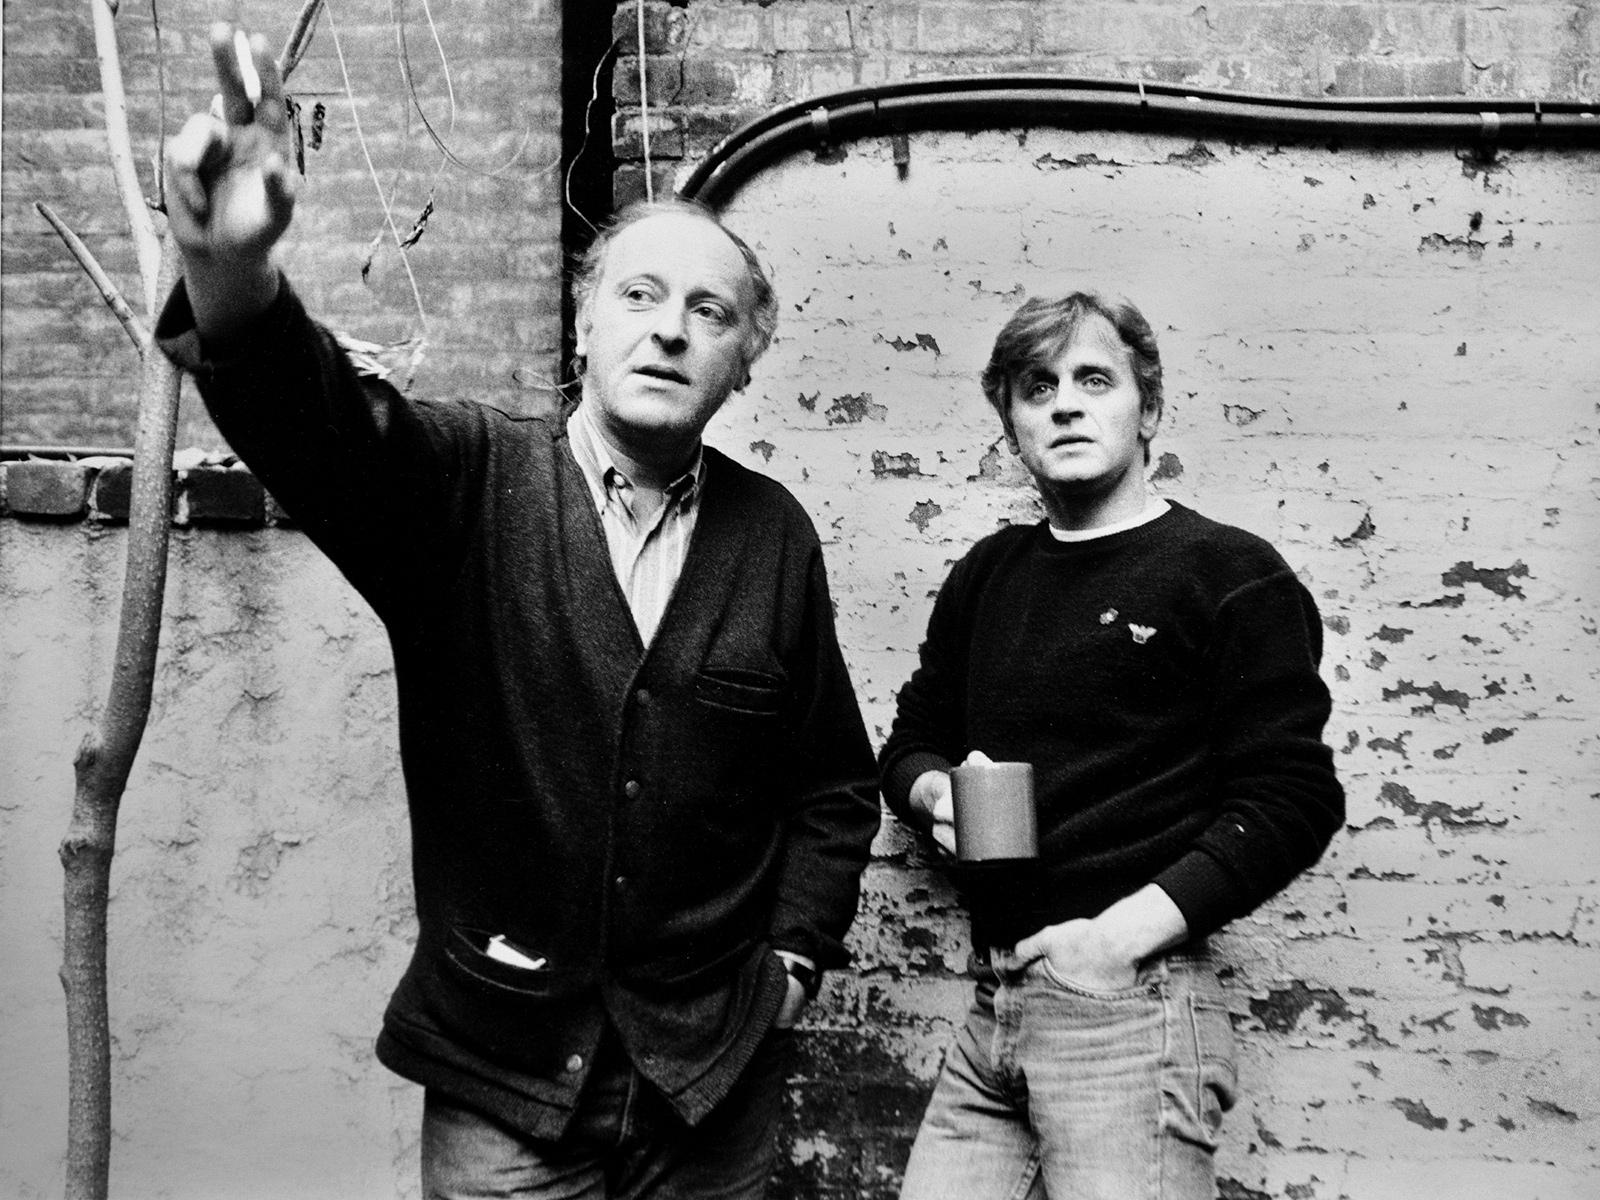 Joseph Brodsky and Mikhail Baryshnikov, New York City, 1985